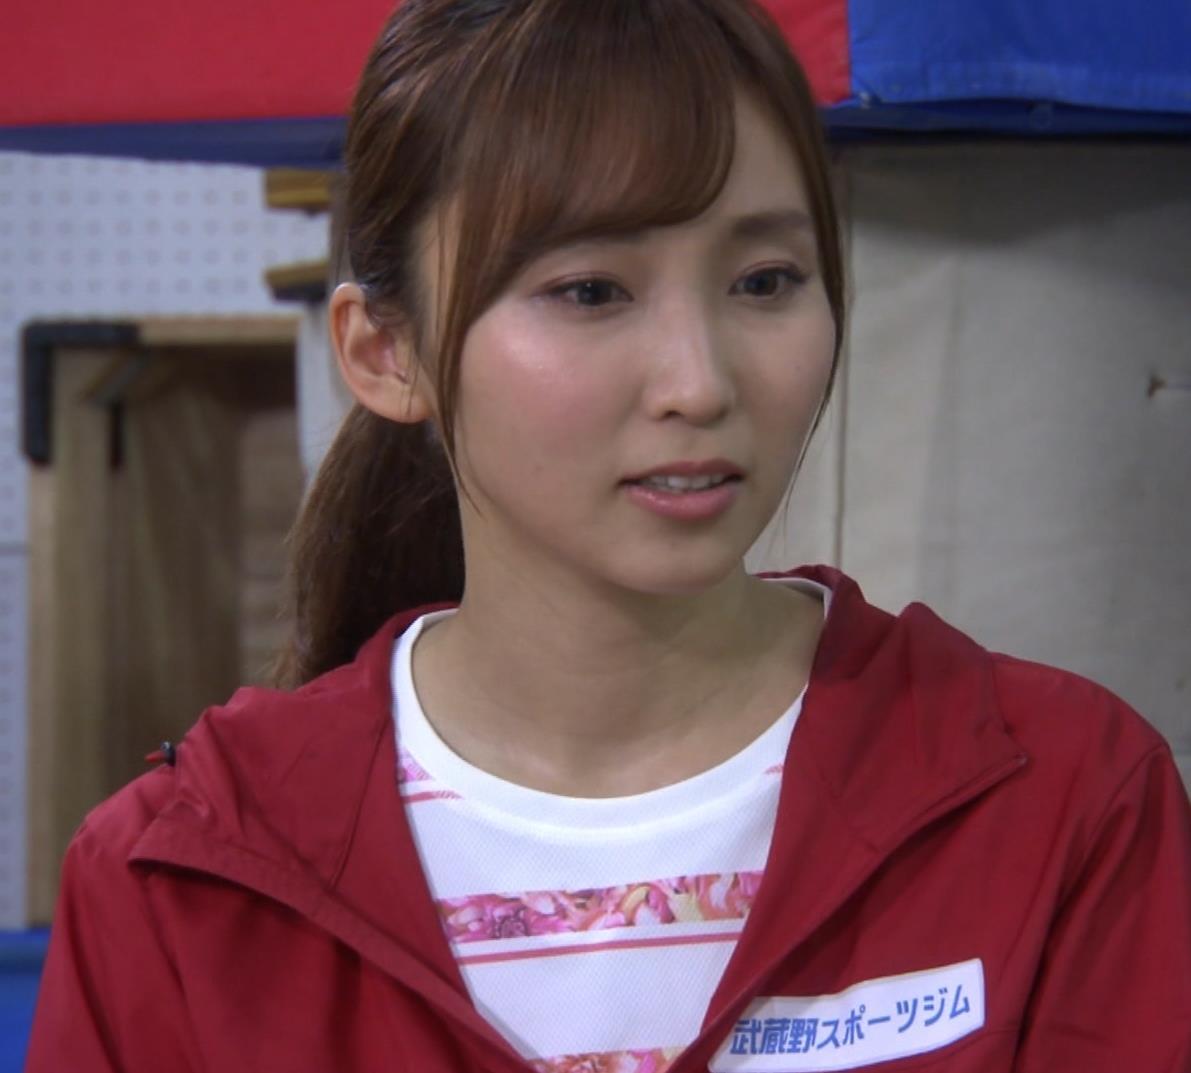 吉木りさ スポーツジムのインストラクター役キャプ・エロ画像12